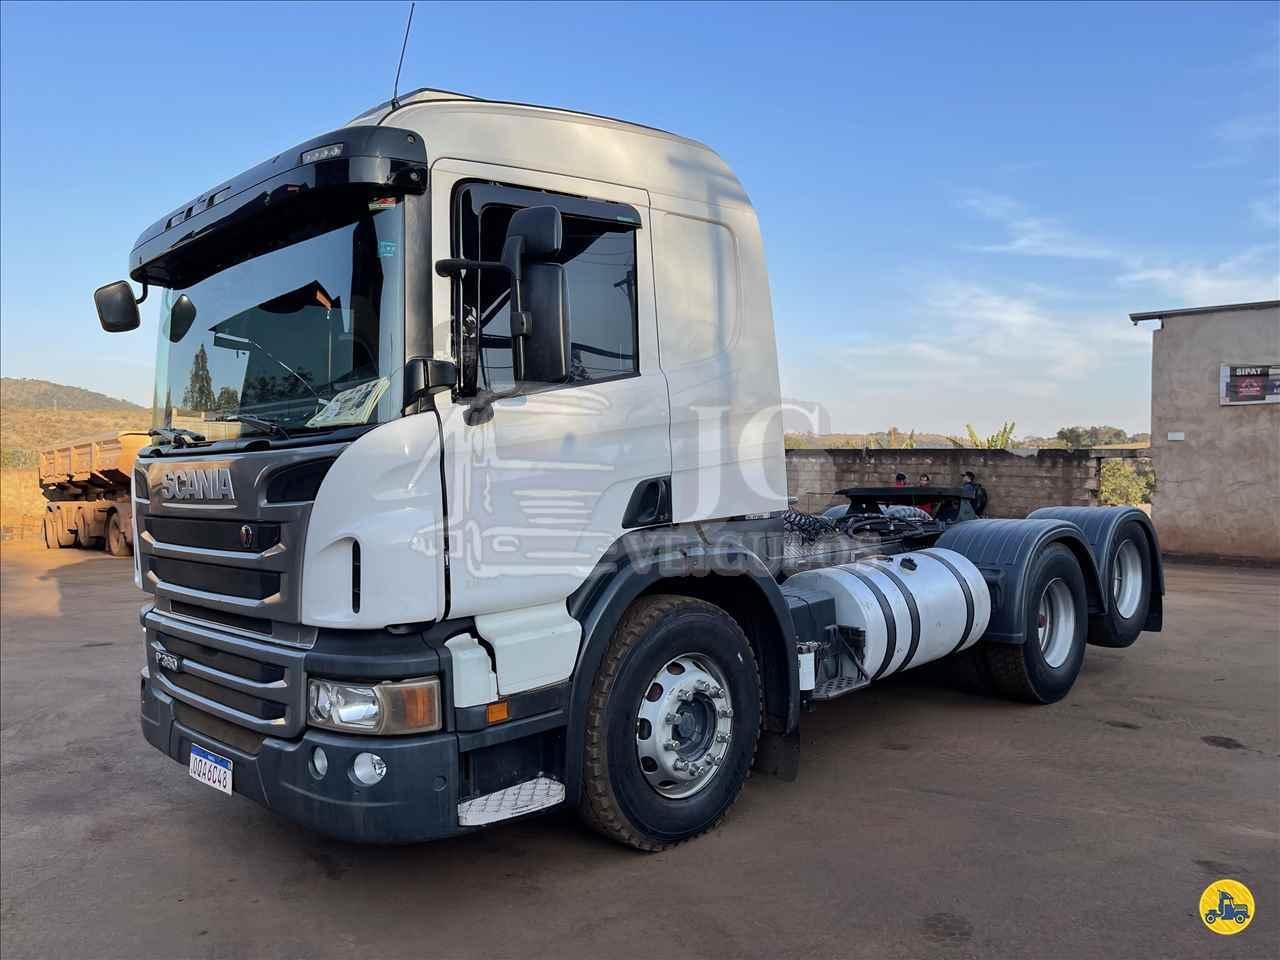 CAMINHAO SCANIA SCANIA 360 Cavalo Mecânico Truck 6x2 JG Veículos e Caminhões CONGONHAS MINAS GERAIS MG